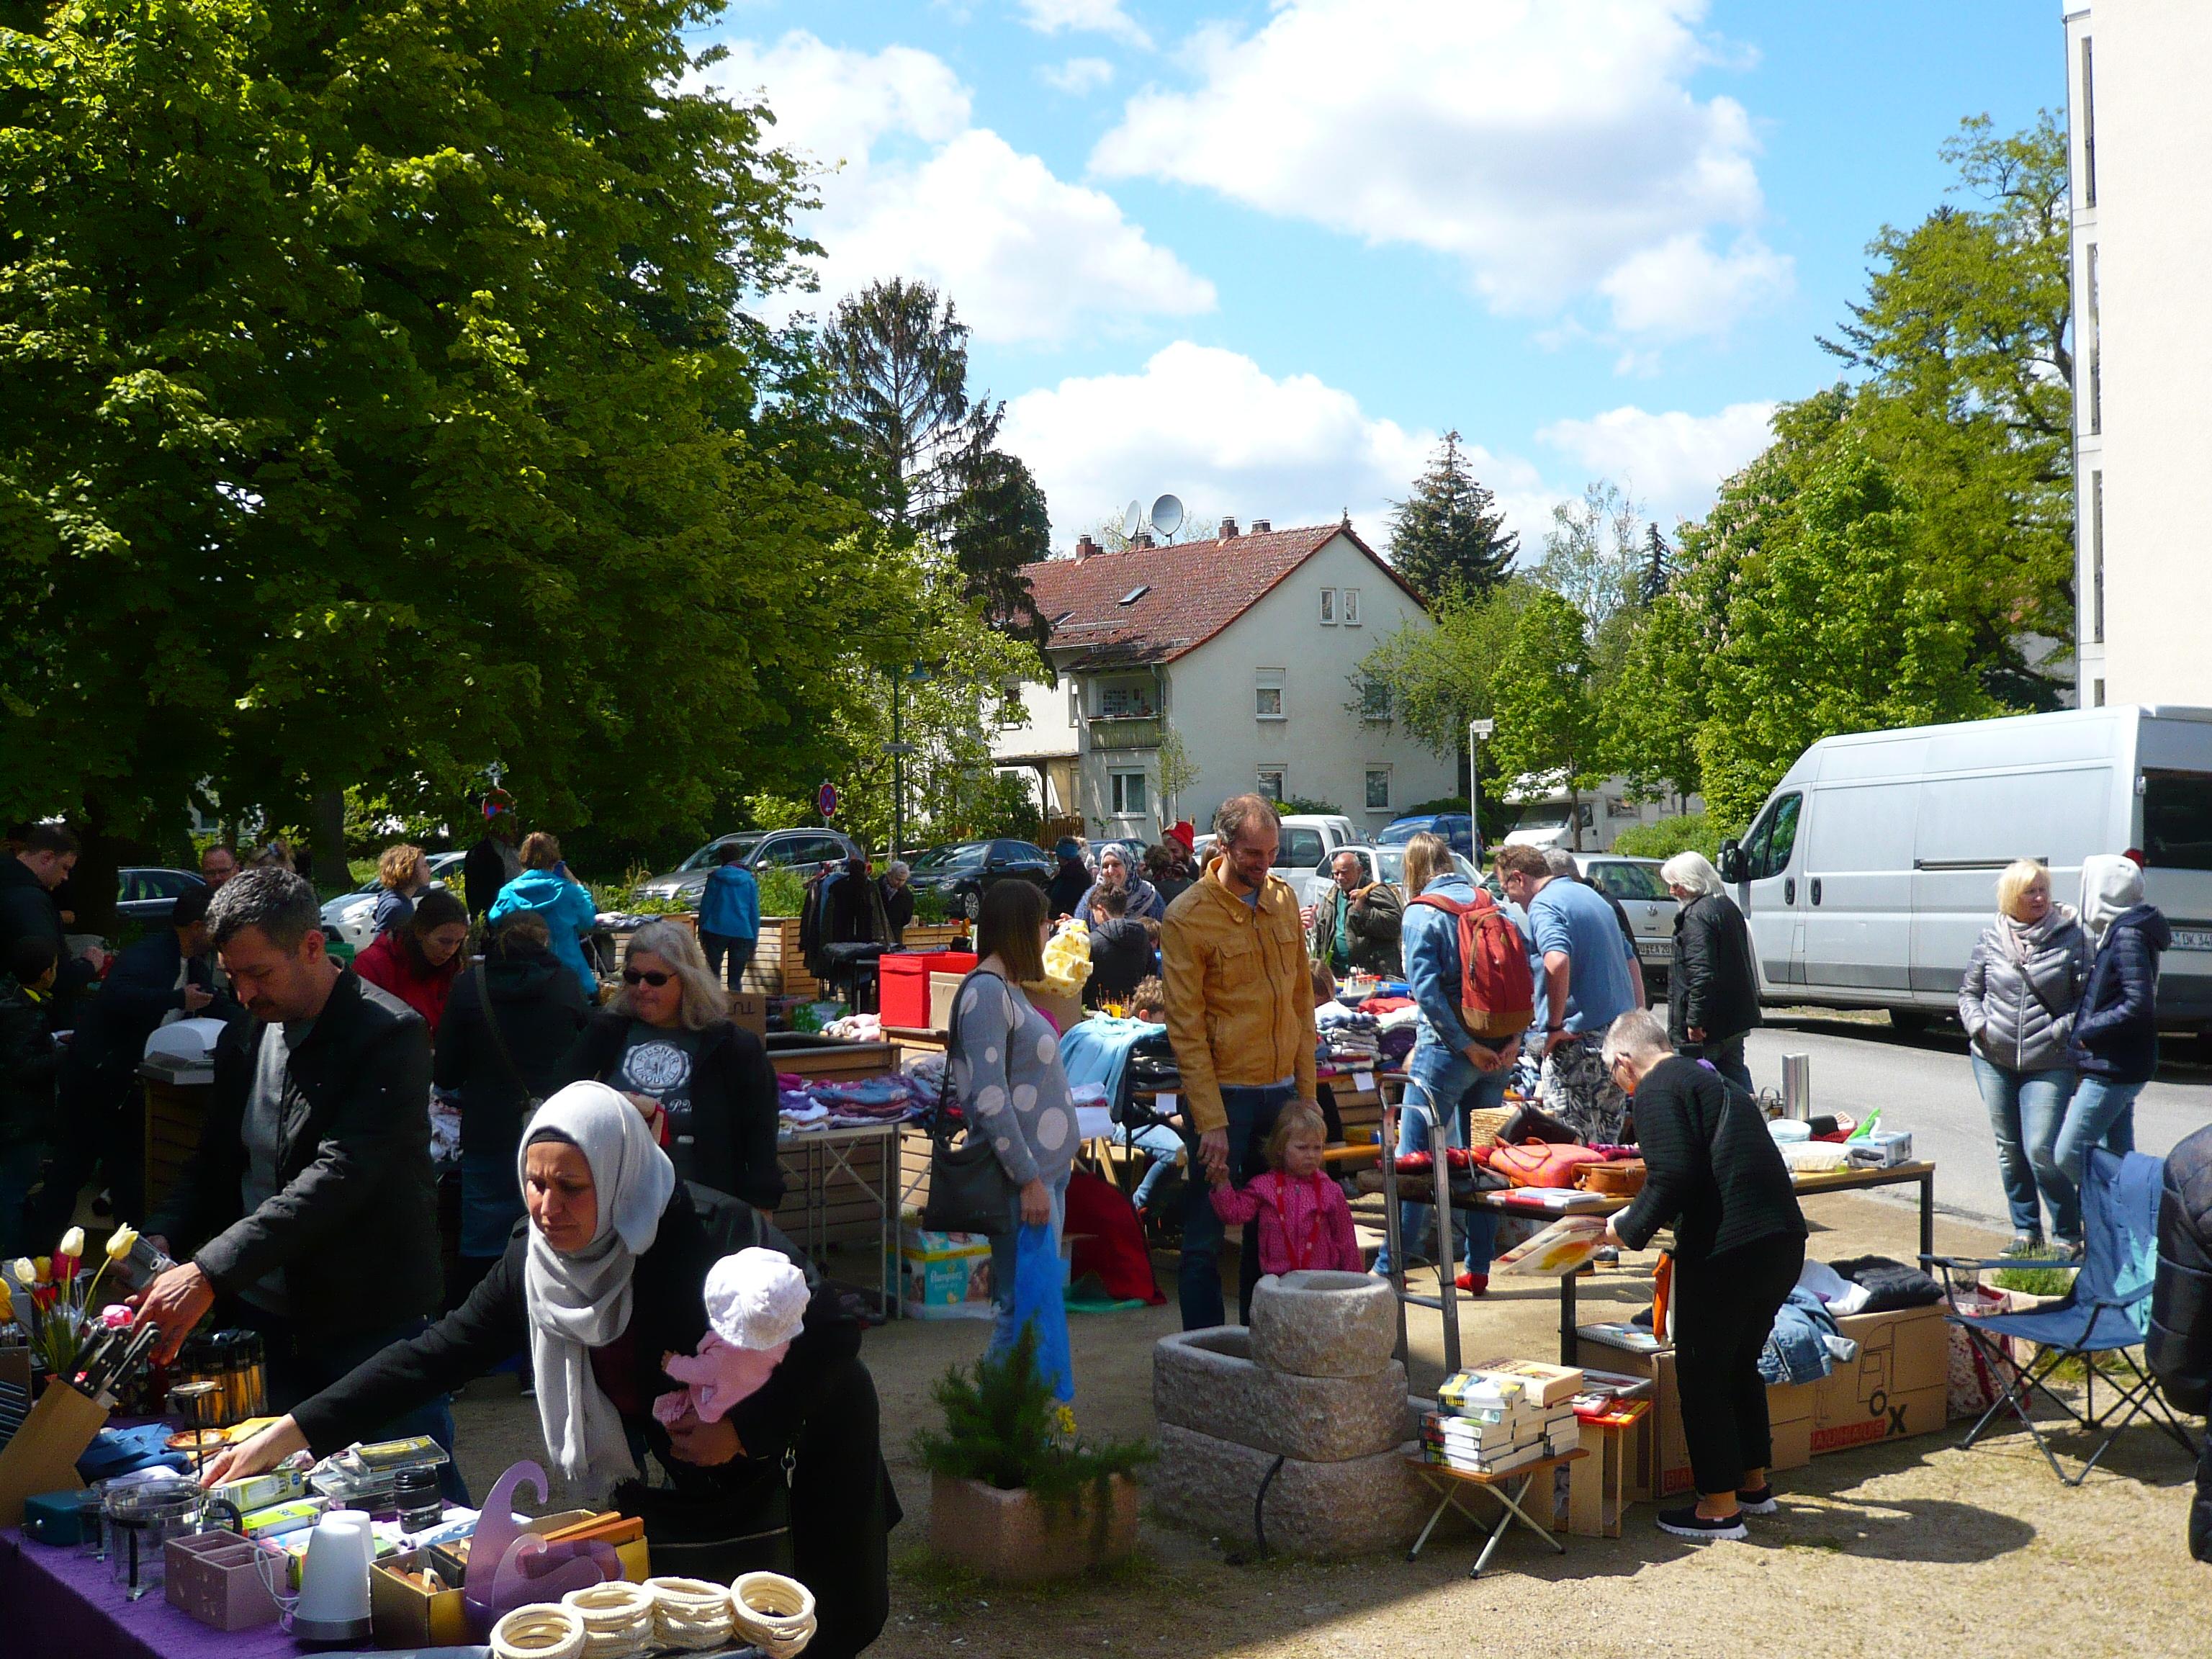 Impressionen vom Flohmarkt in der Postsiedlung am 12.Mai 2019